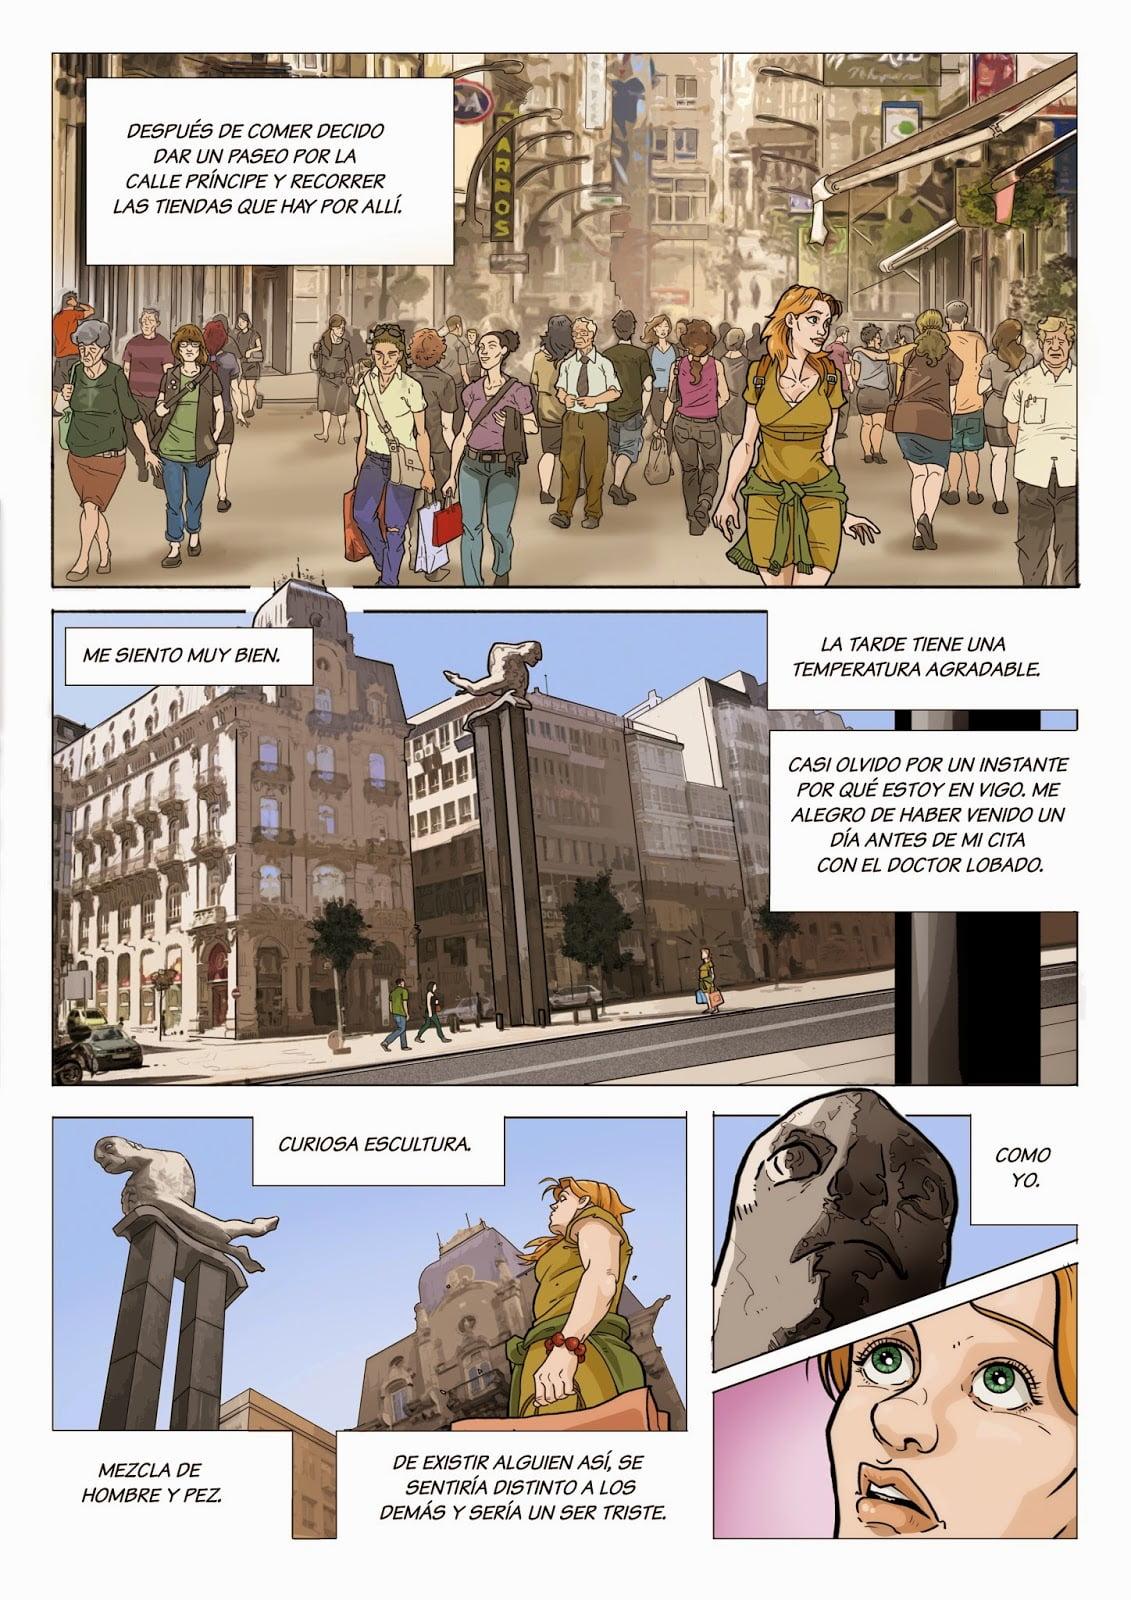 DOS, Buscando respuestas en Vigo